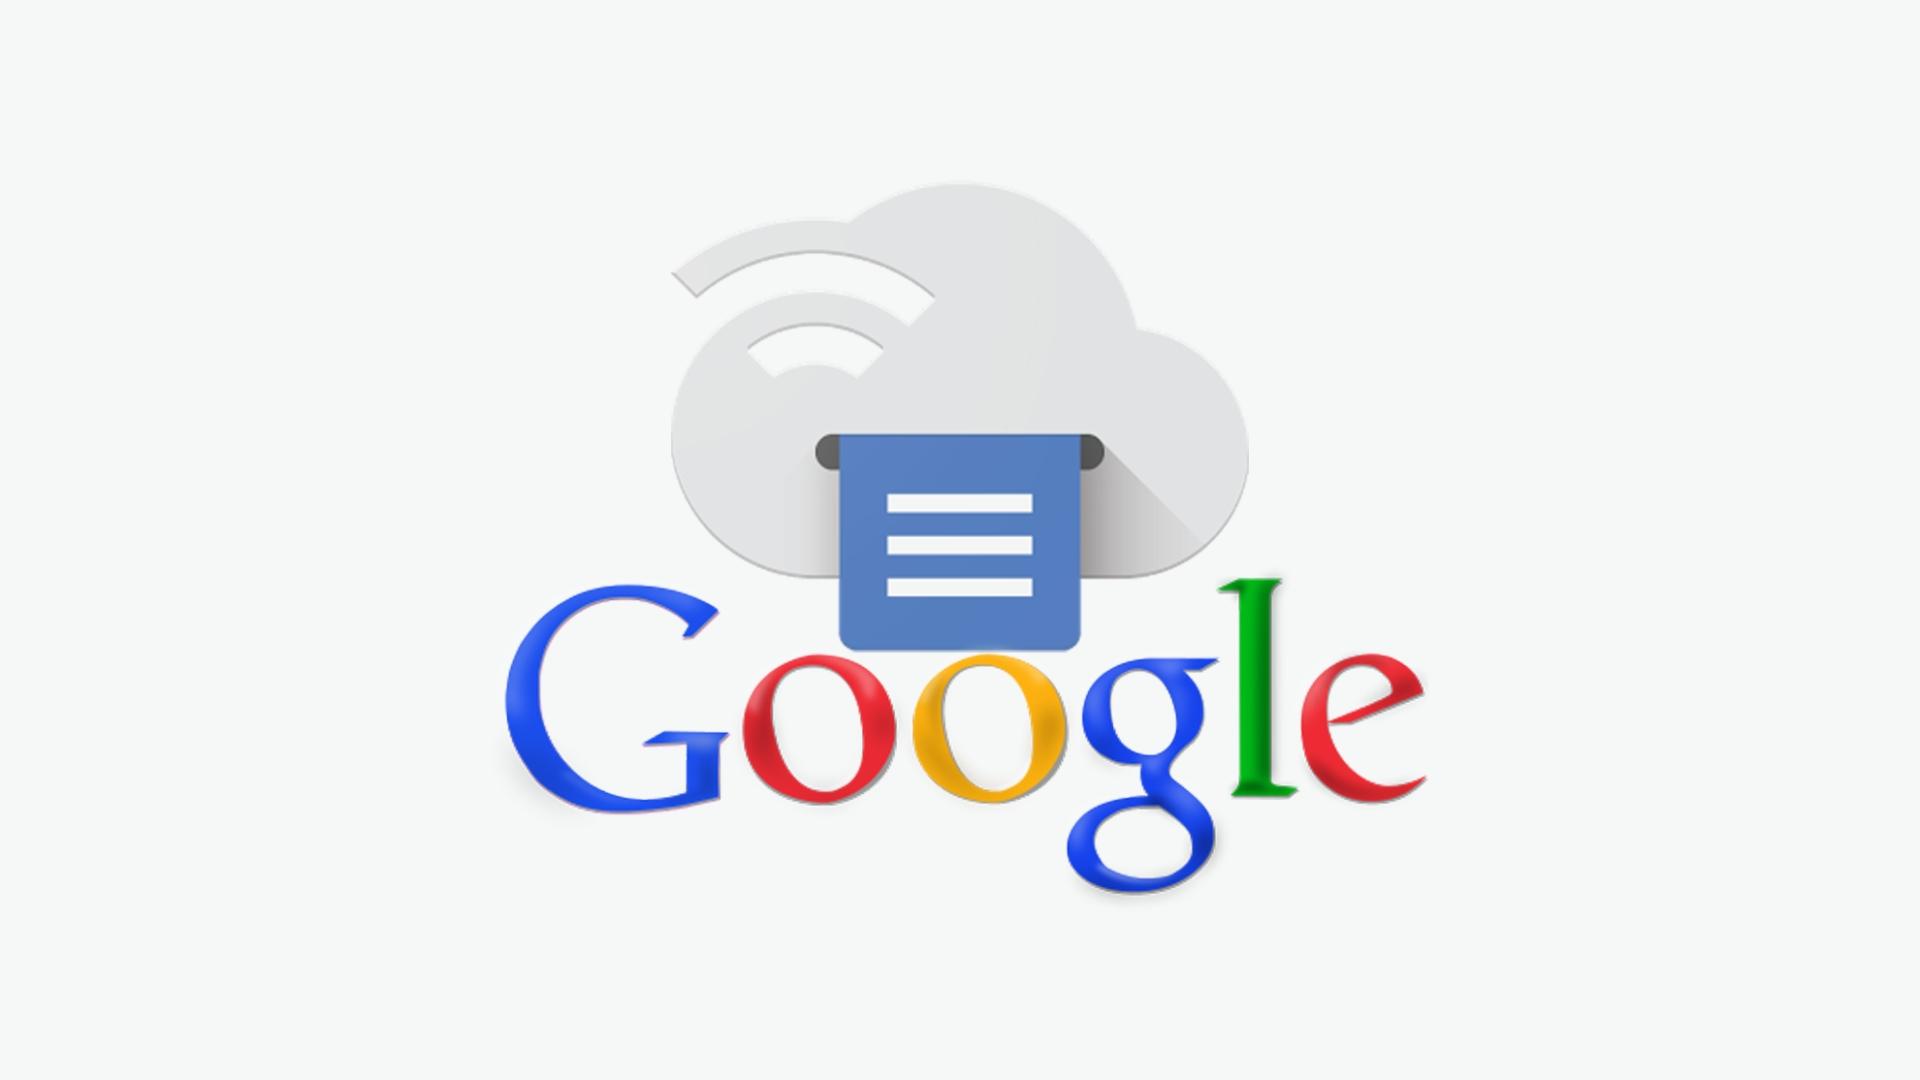 Google ukončuje službu Cloud Print, od 1. ledna nebude fungovat [aktualizováno]